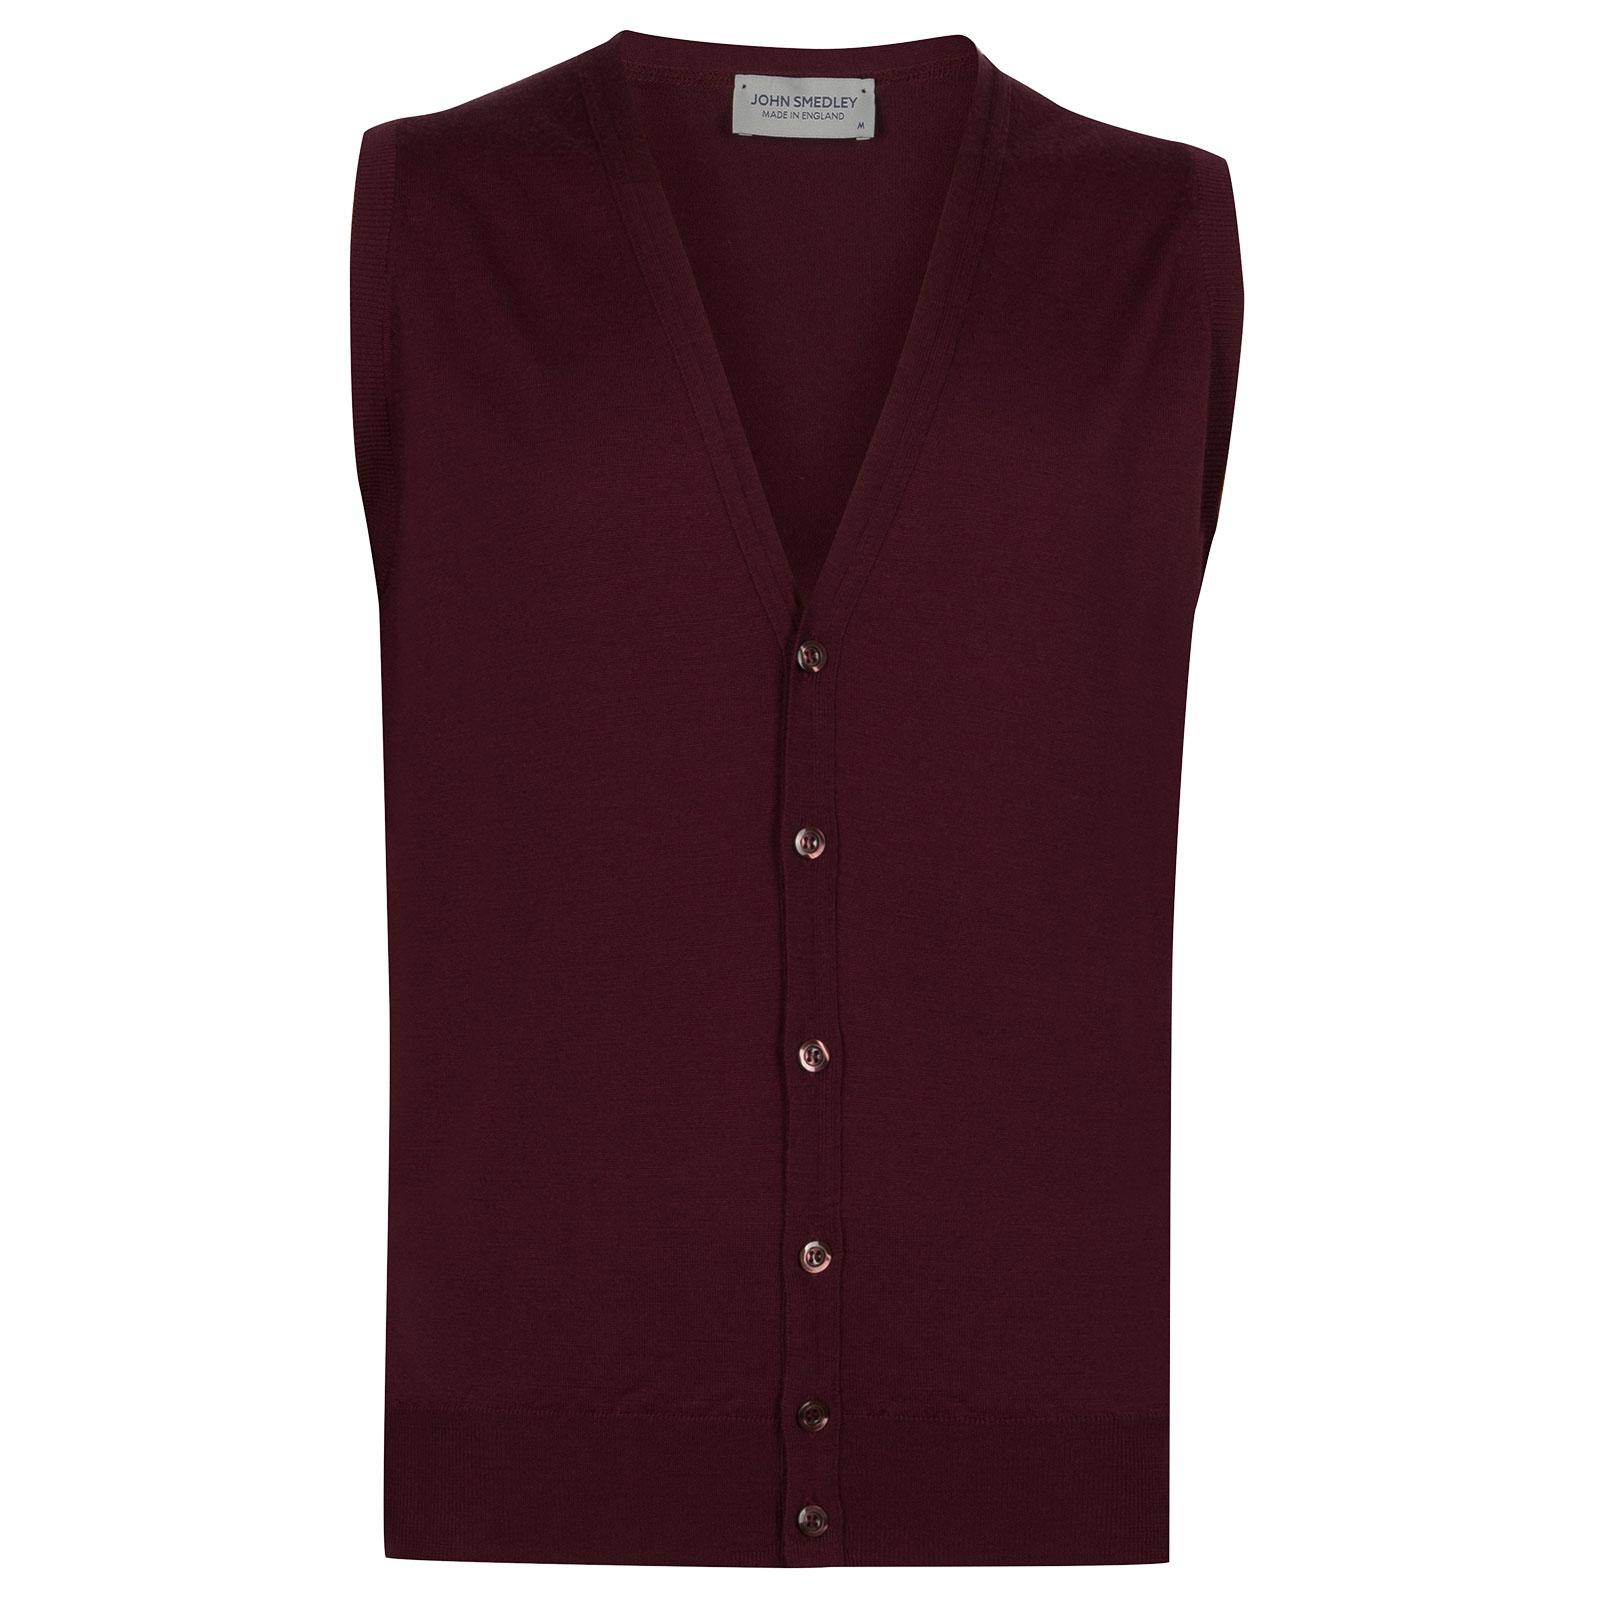 John Smedley HuntswoodMerino Wool Waistcoat in Bordeaux-XXL